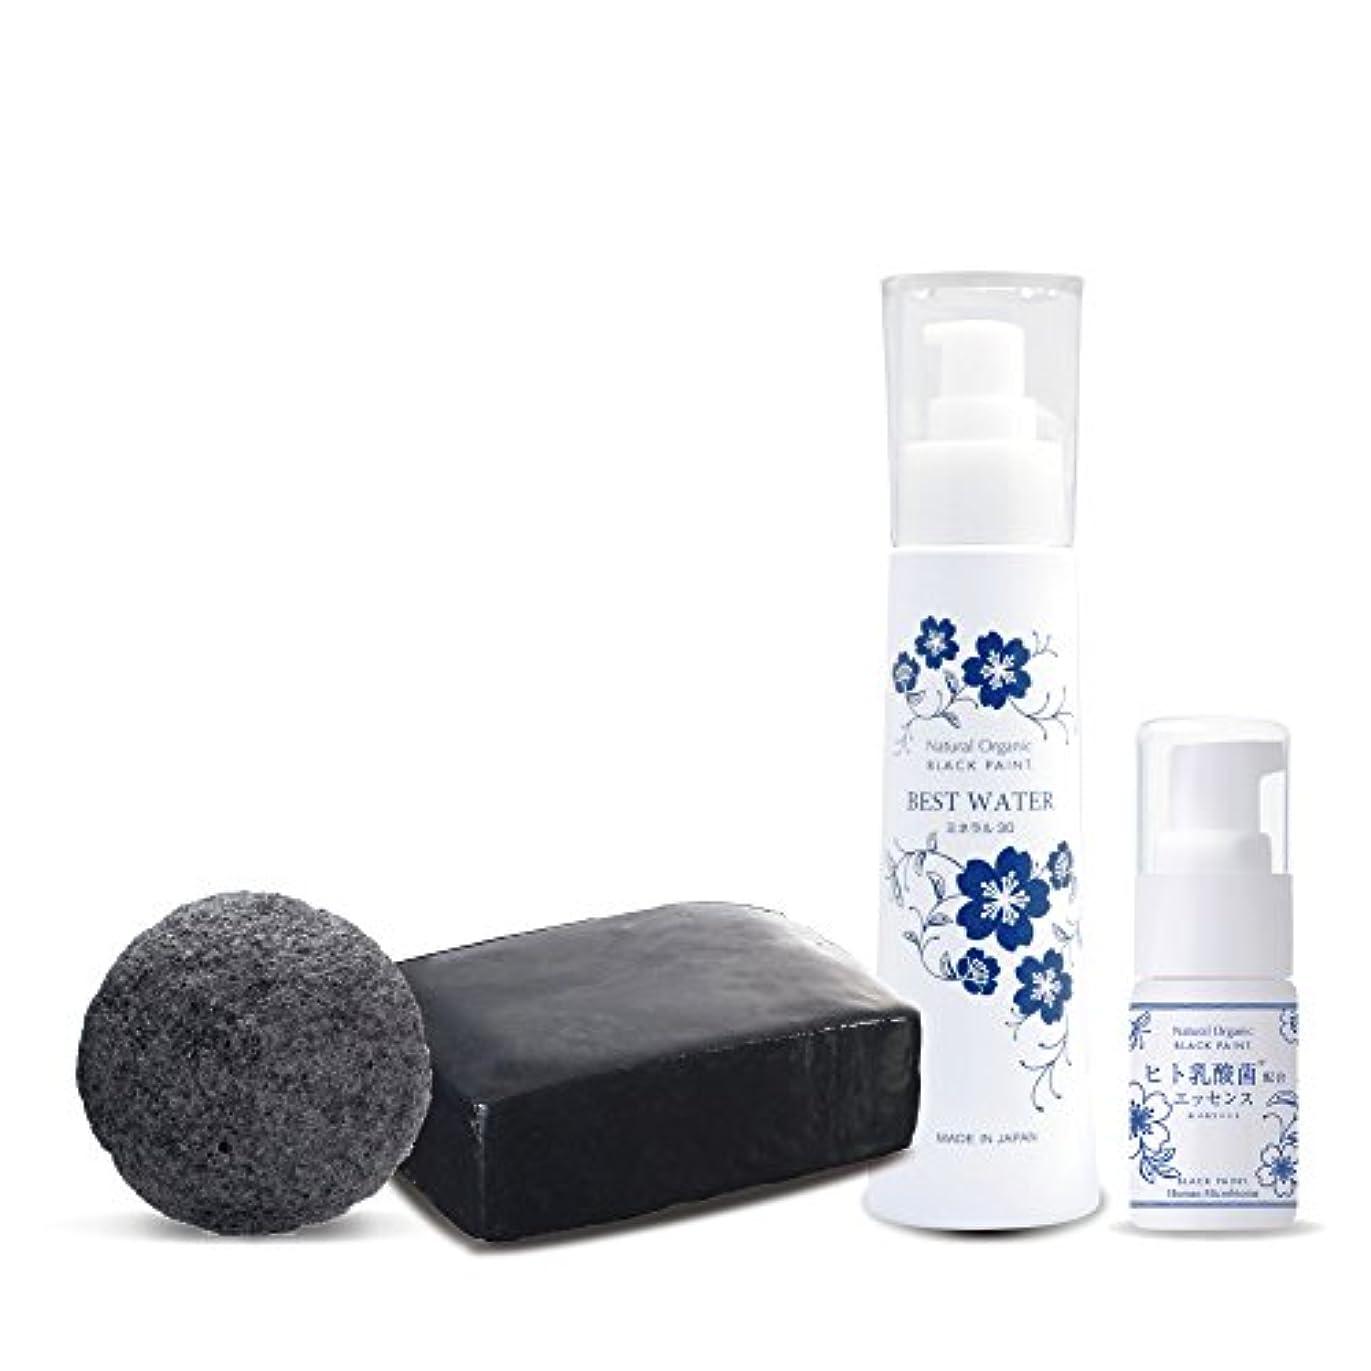 捧げるタブレット偽ヒト乳酸菌エッセンス10ml&ブラックペイント60g&ブラックスポンジミニ&ベストウォーター100ml 洗顔セット